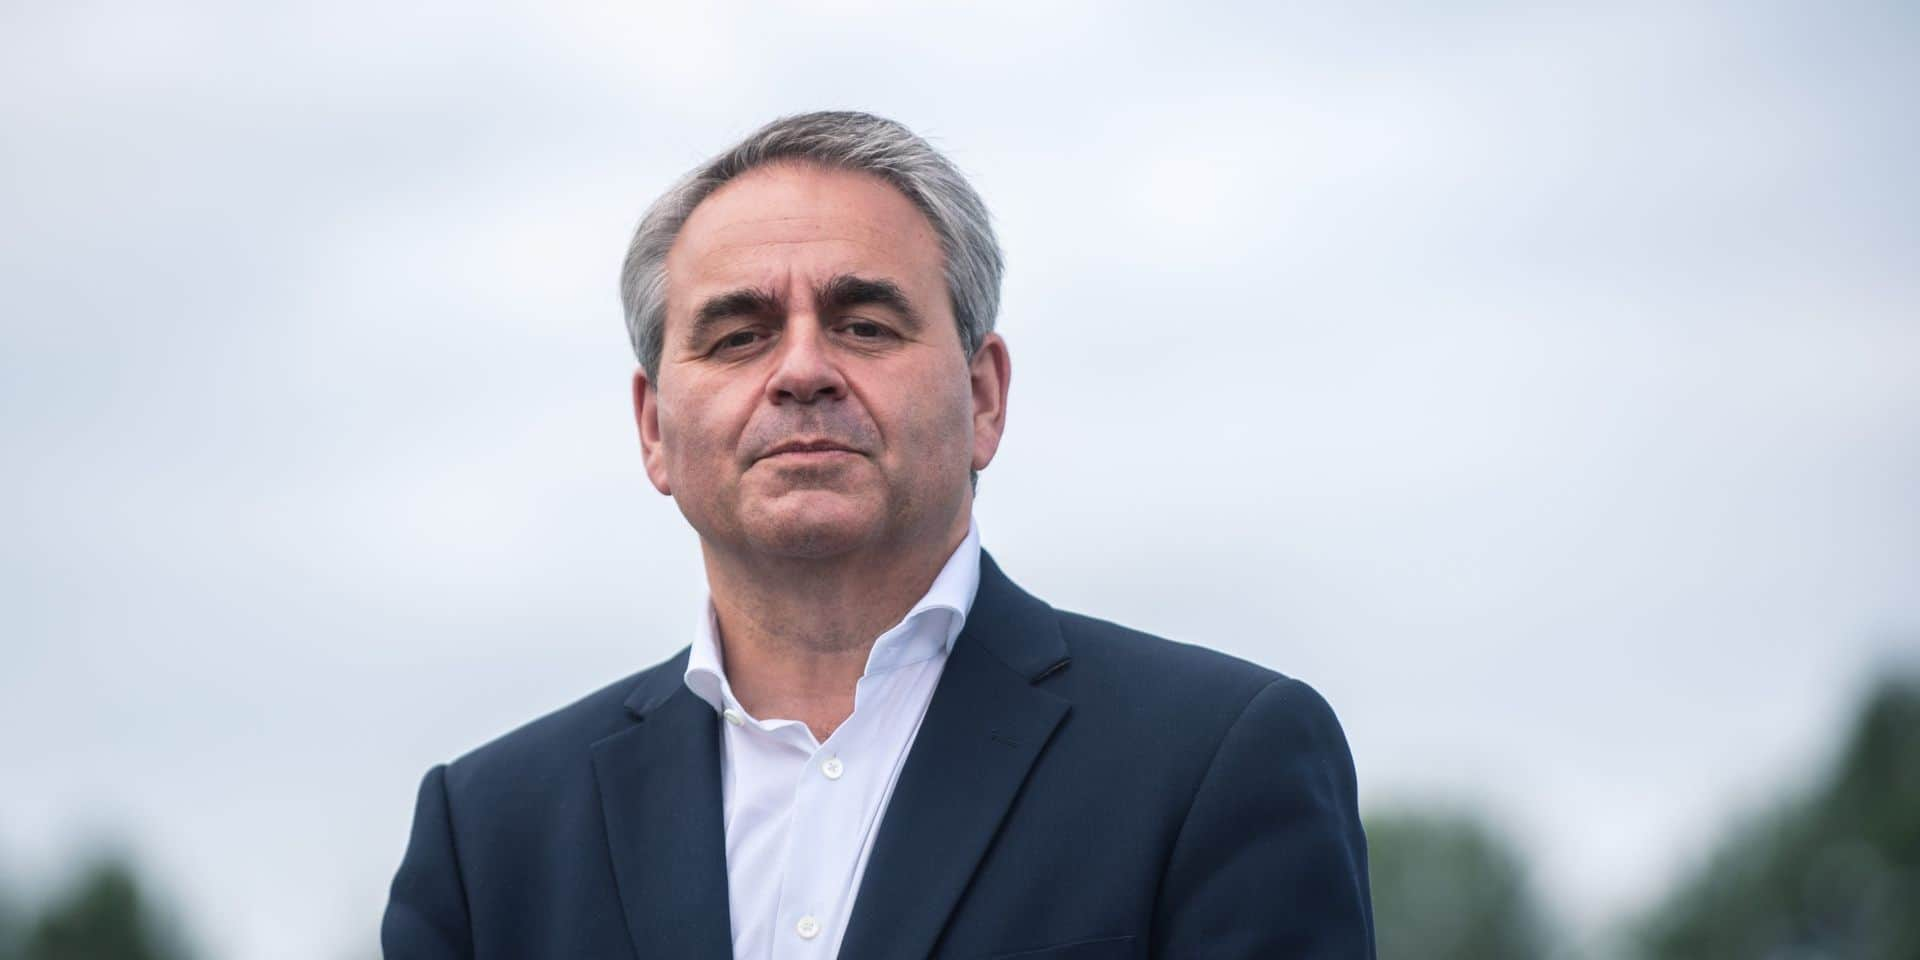 Présidentielle 2022: Xavier Bertrand annonce qu'il se soumettra au vote des militants LR